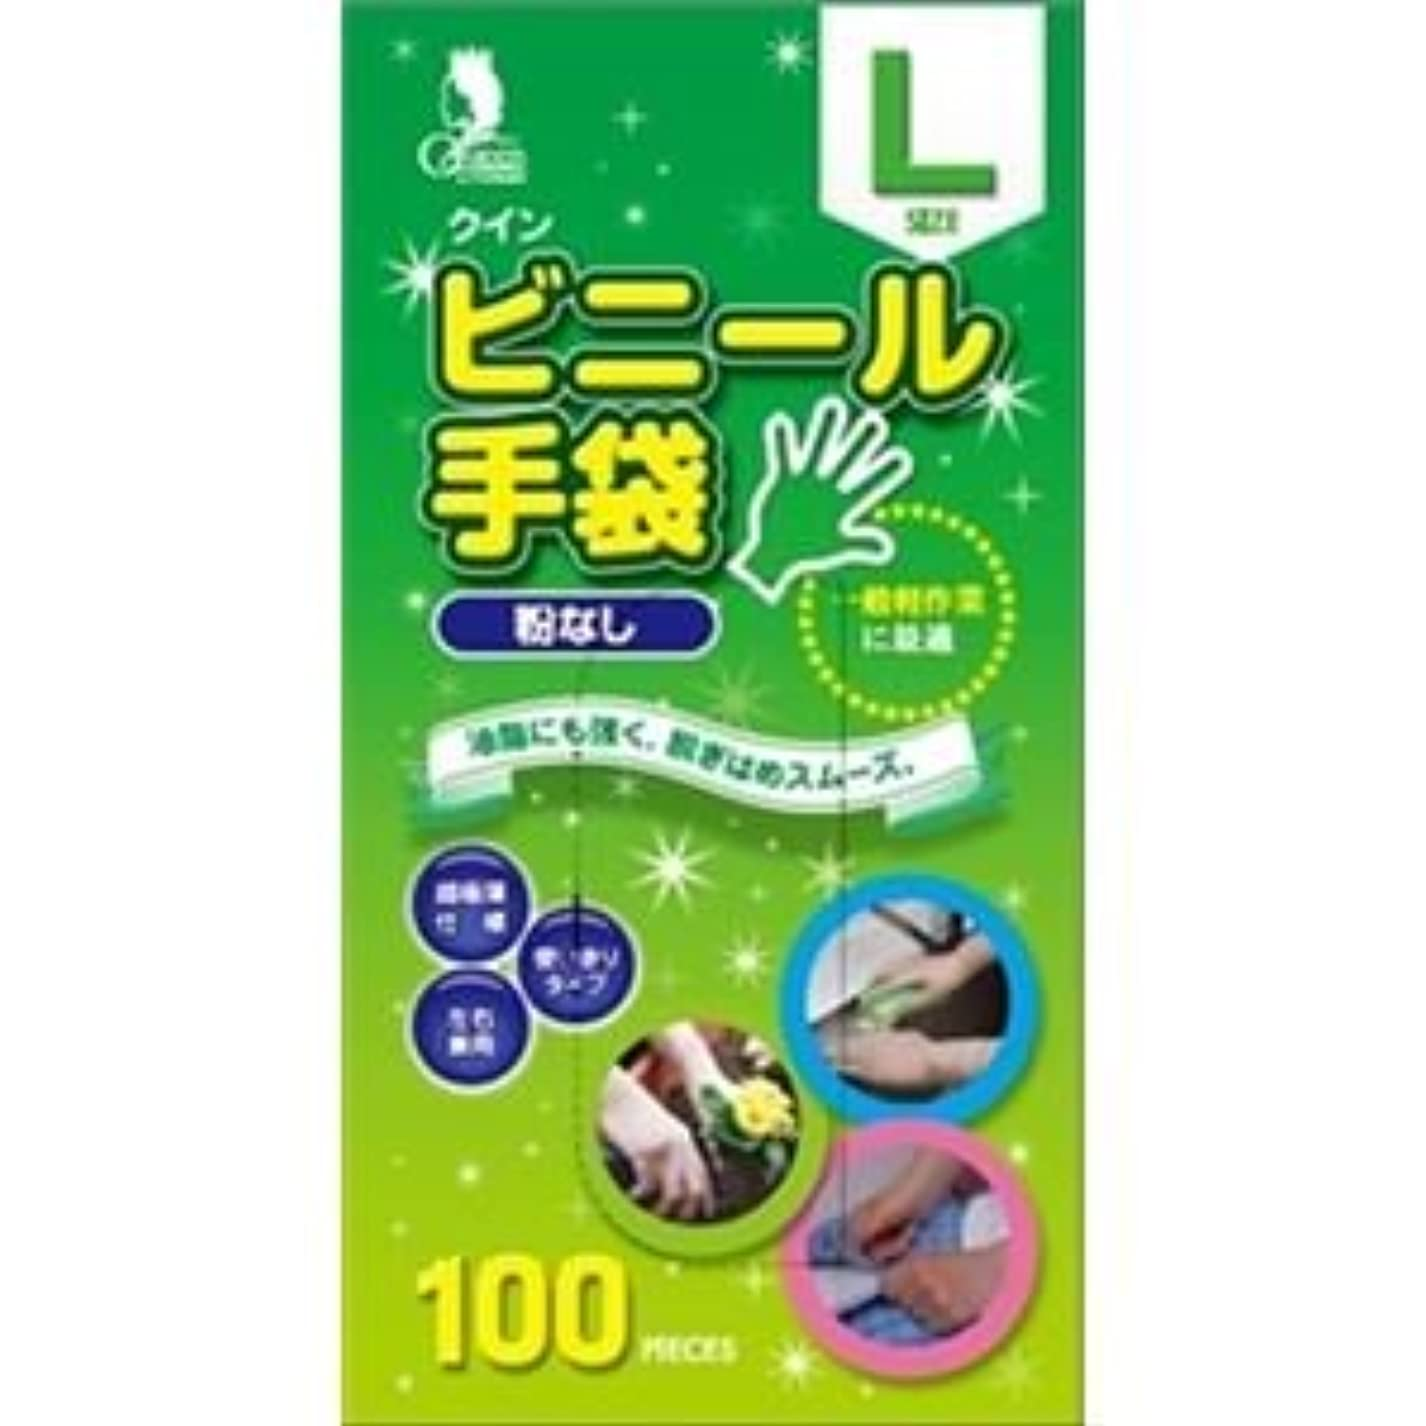 いつかレディ作動する(まとめ)宇都宮製作 クインビニール手袋100枚入 L (N) 【×3点セット】